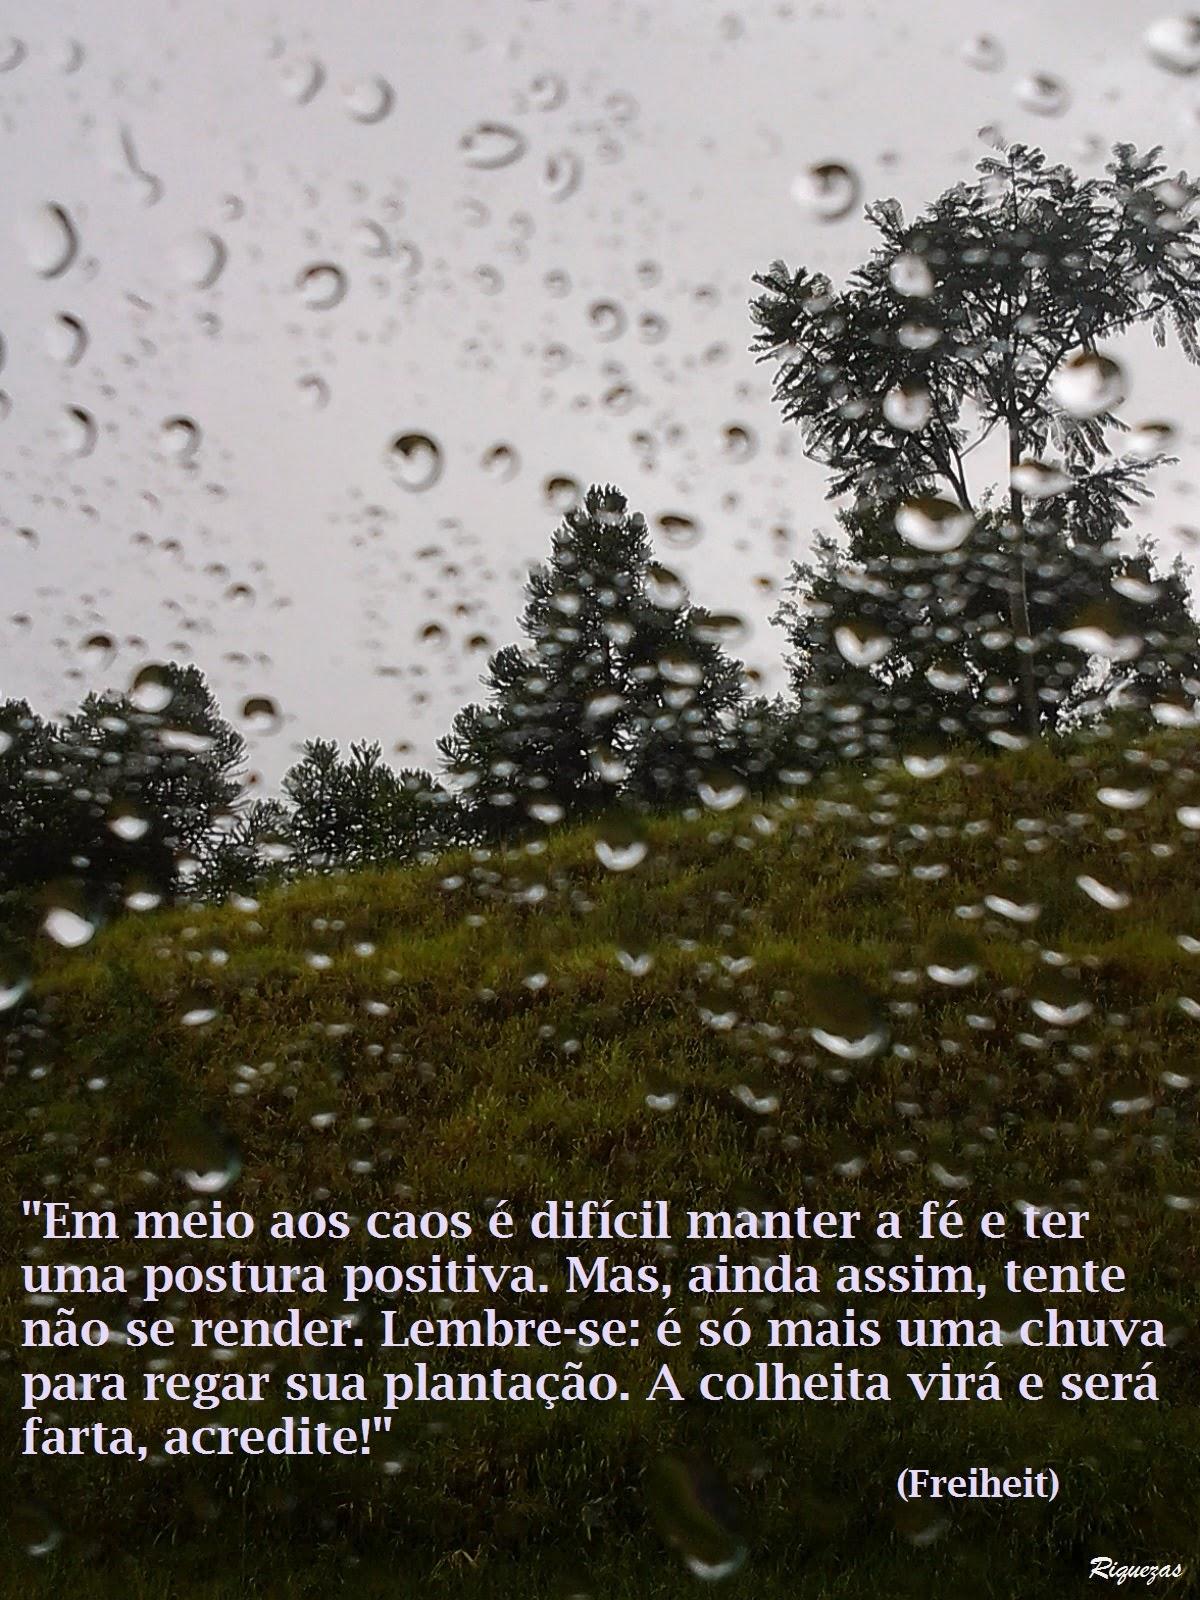 Foto tirada a caminho de Minas Gerais